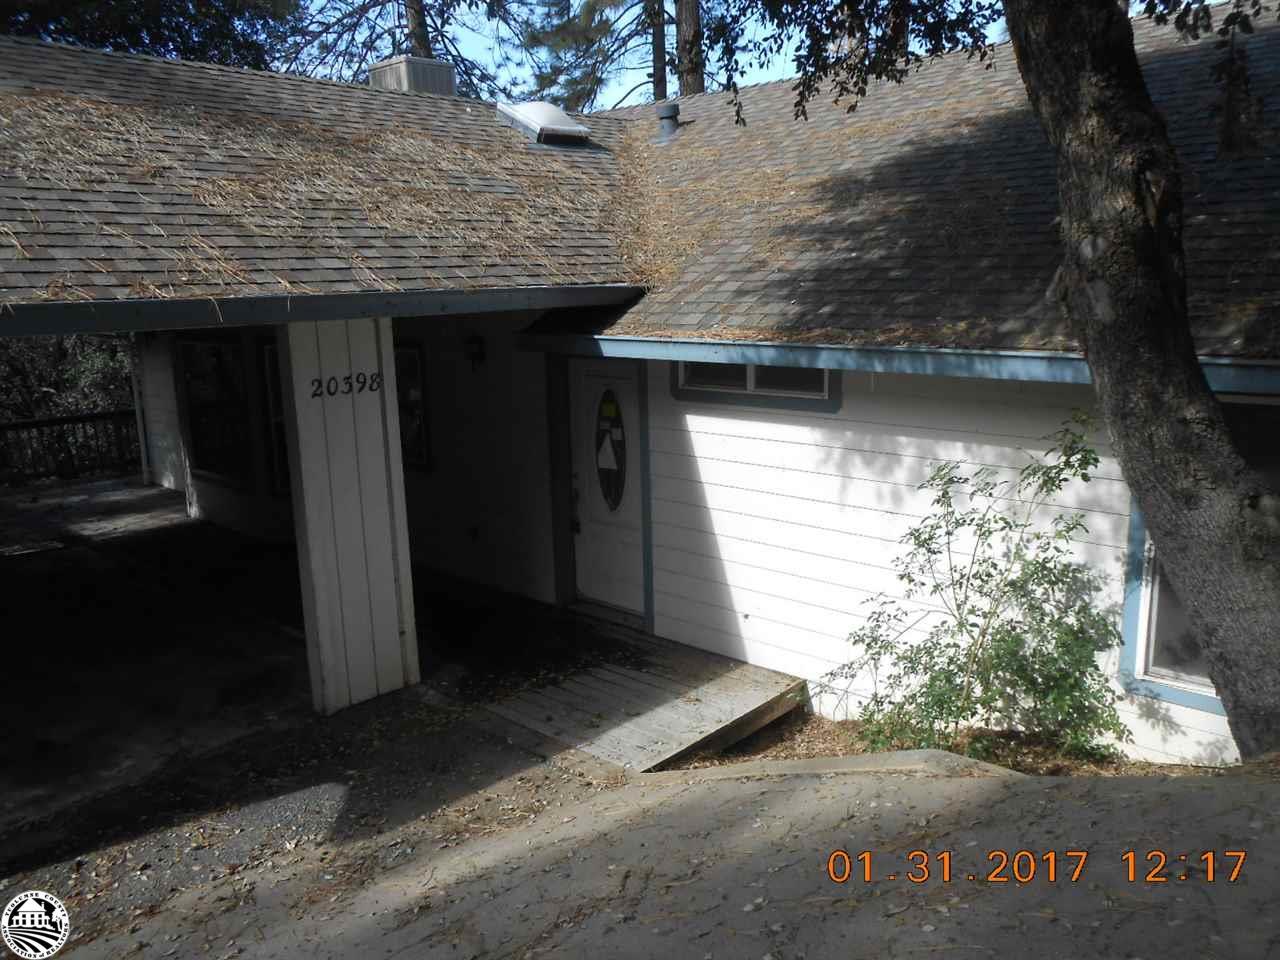 20398 Canyonview Drive, Tuolumne, CA 95379